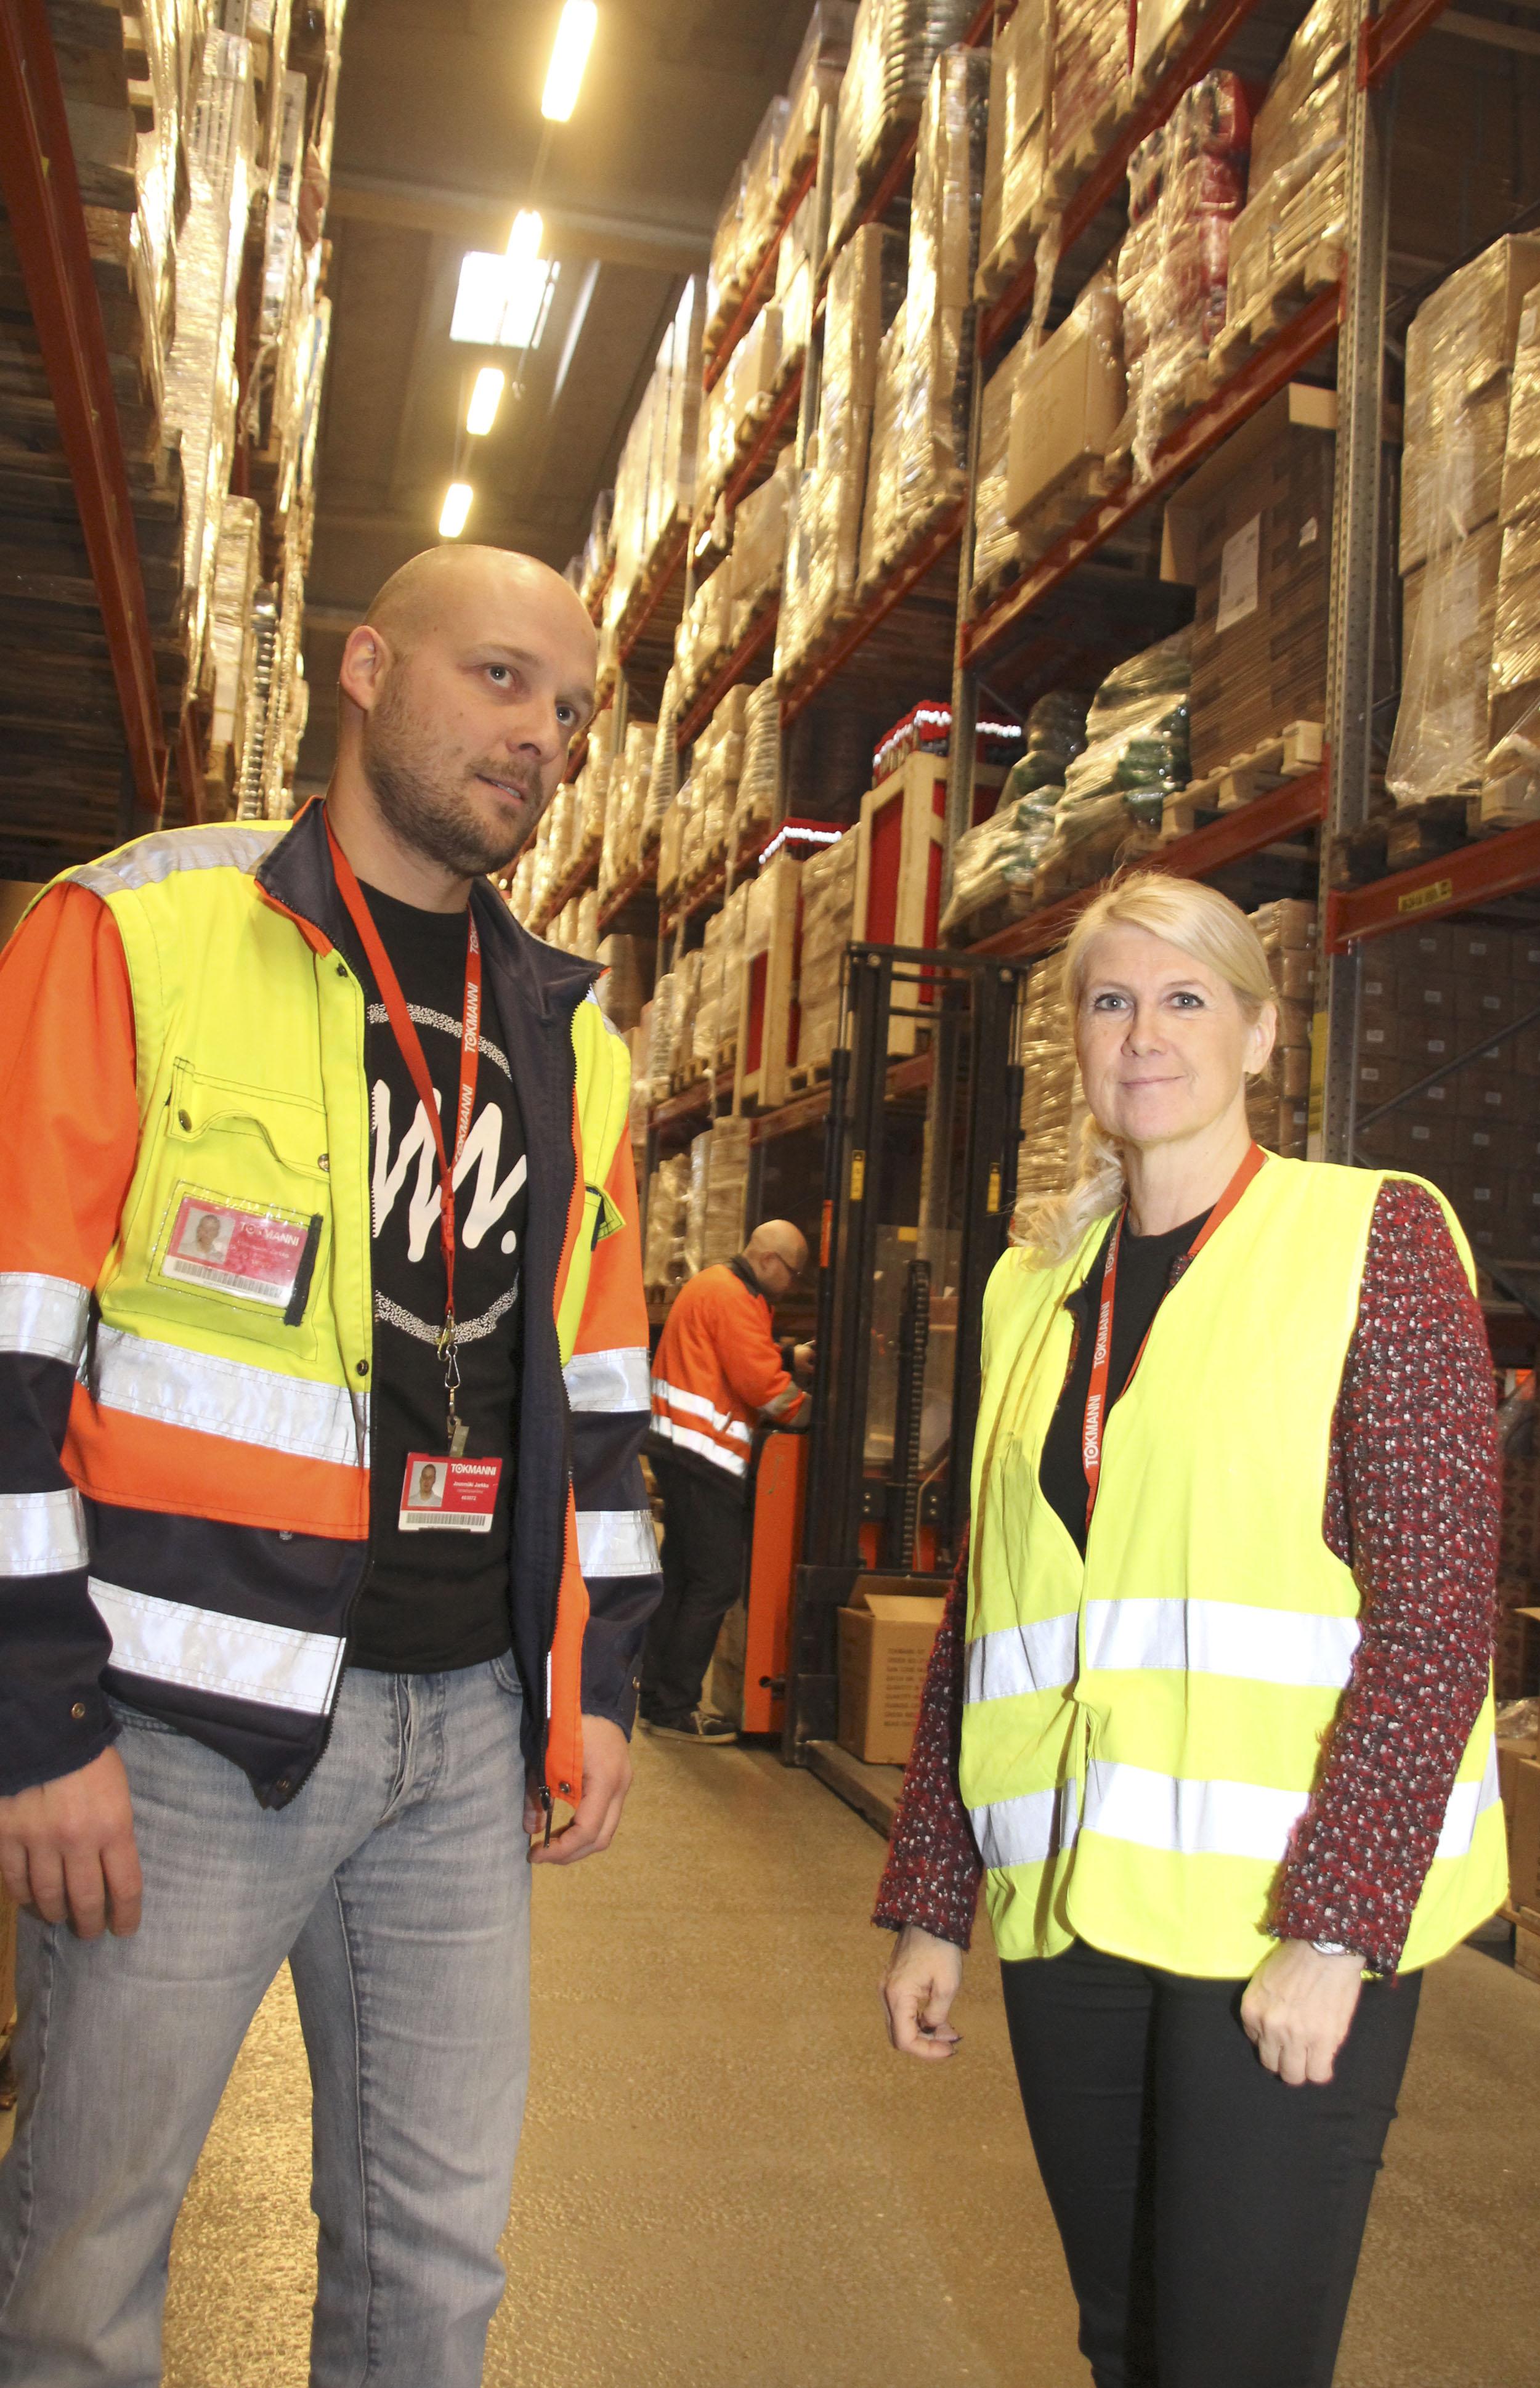 Selvitimme suojahankintoja: Koronasuojia hankittiin sairaalaan jopa Tokmannista – Kanta-Hämeen sairaanhoitopiirin ostot kertovat pulasta